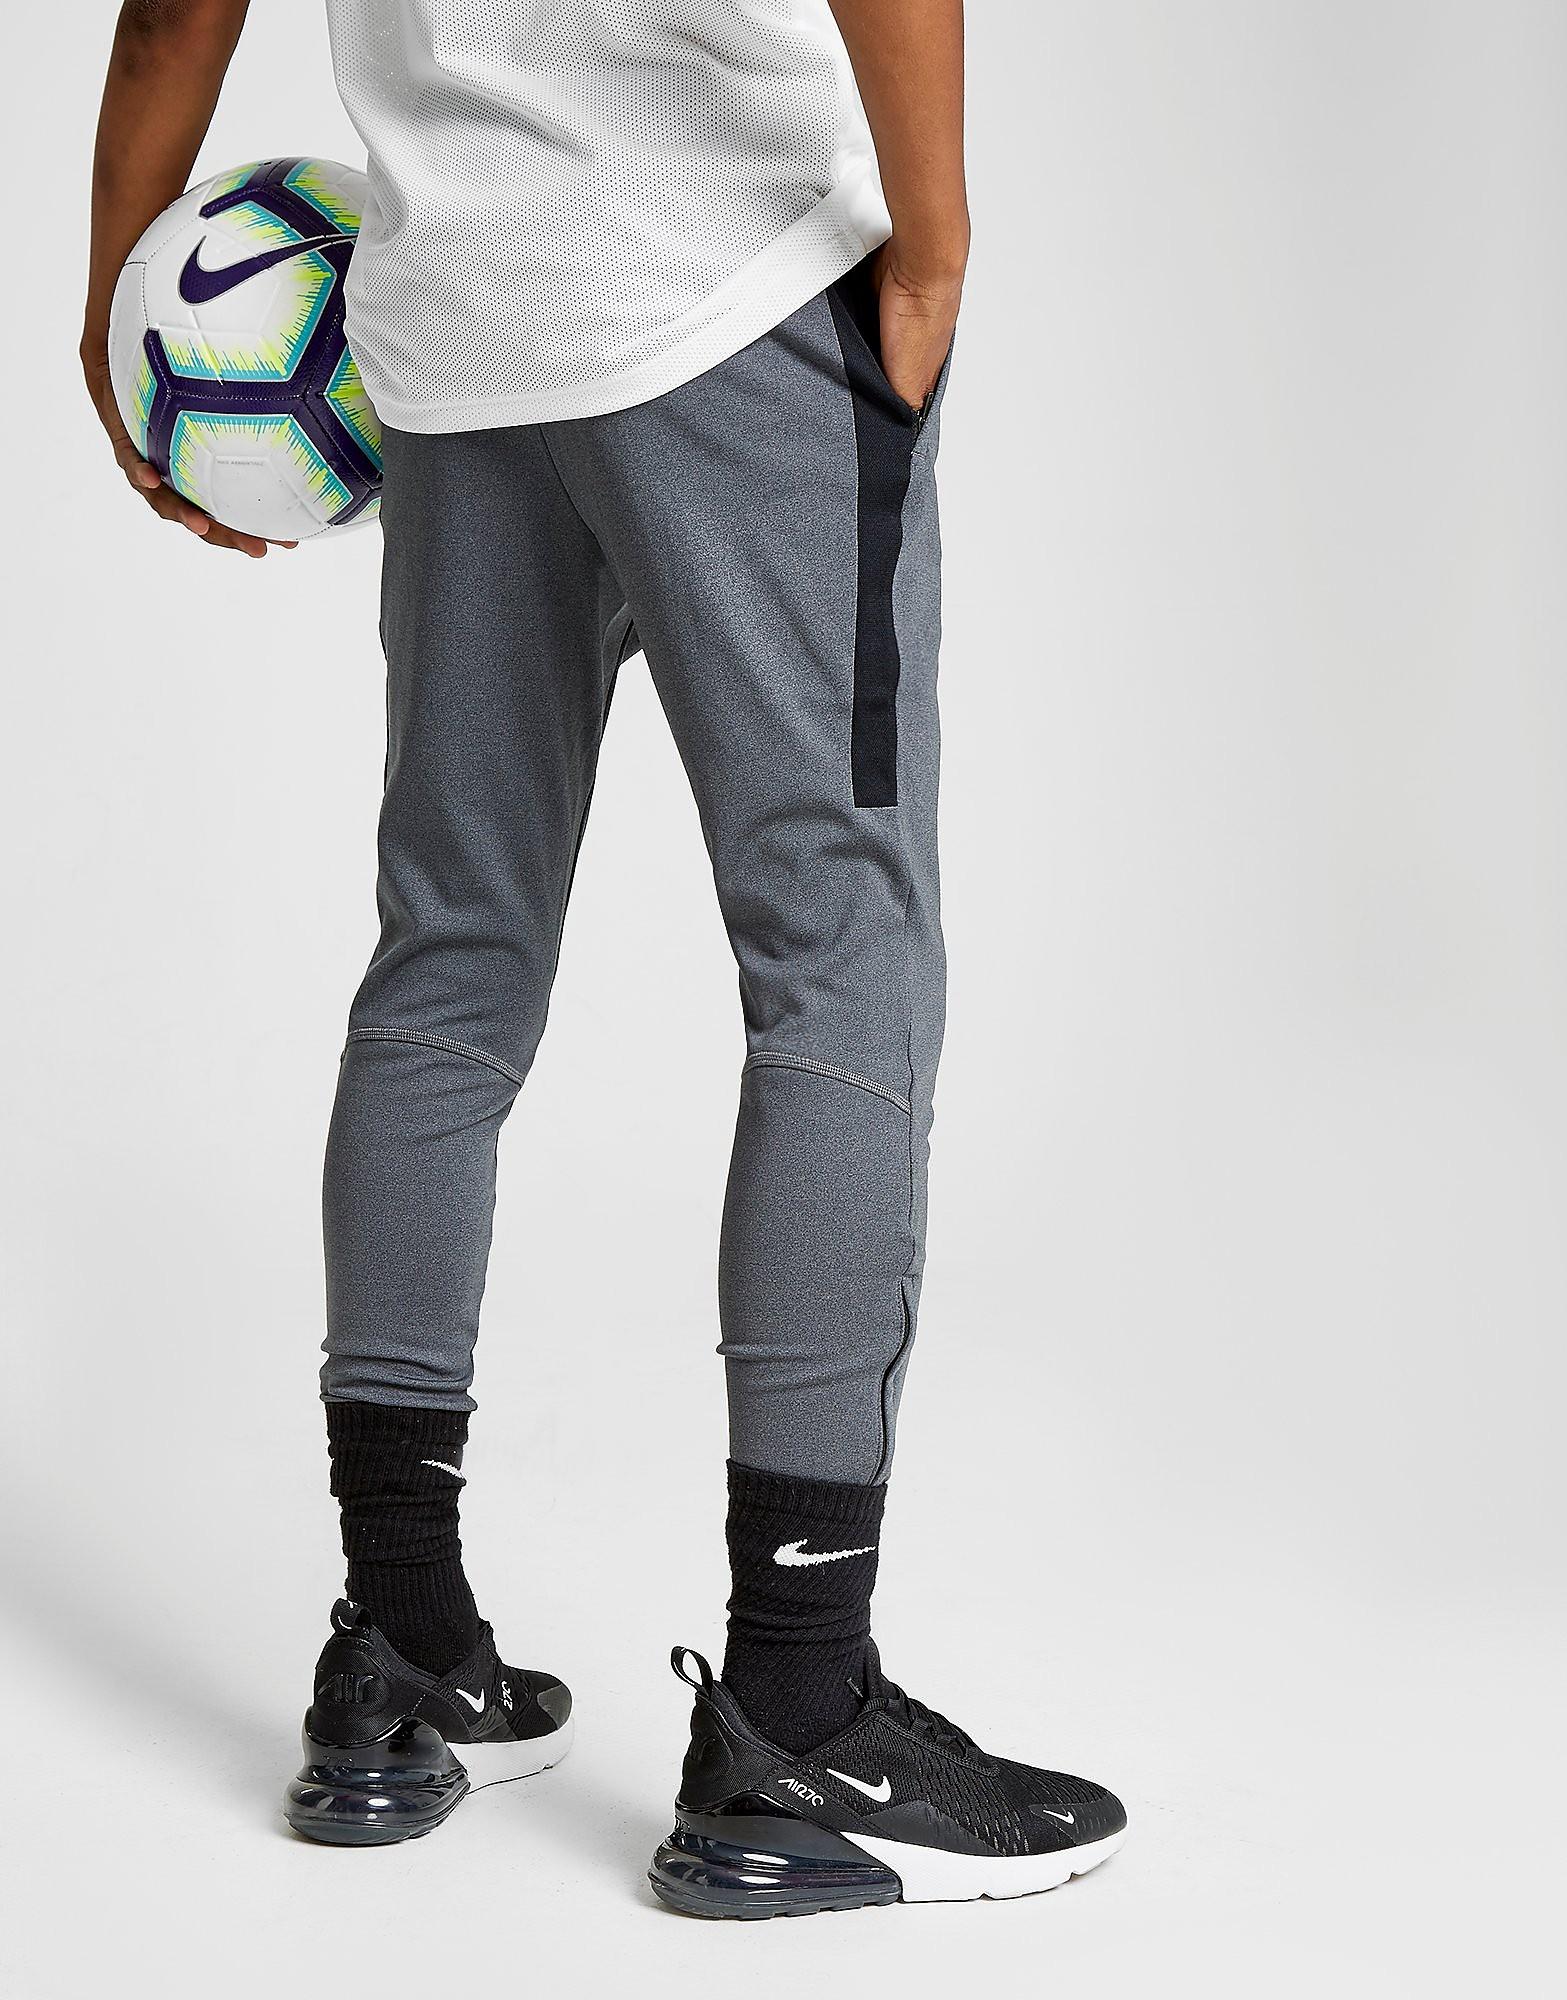 Nike pantalón Academy júnior